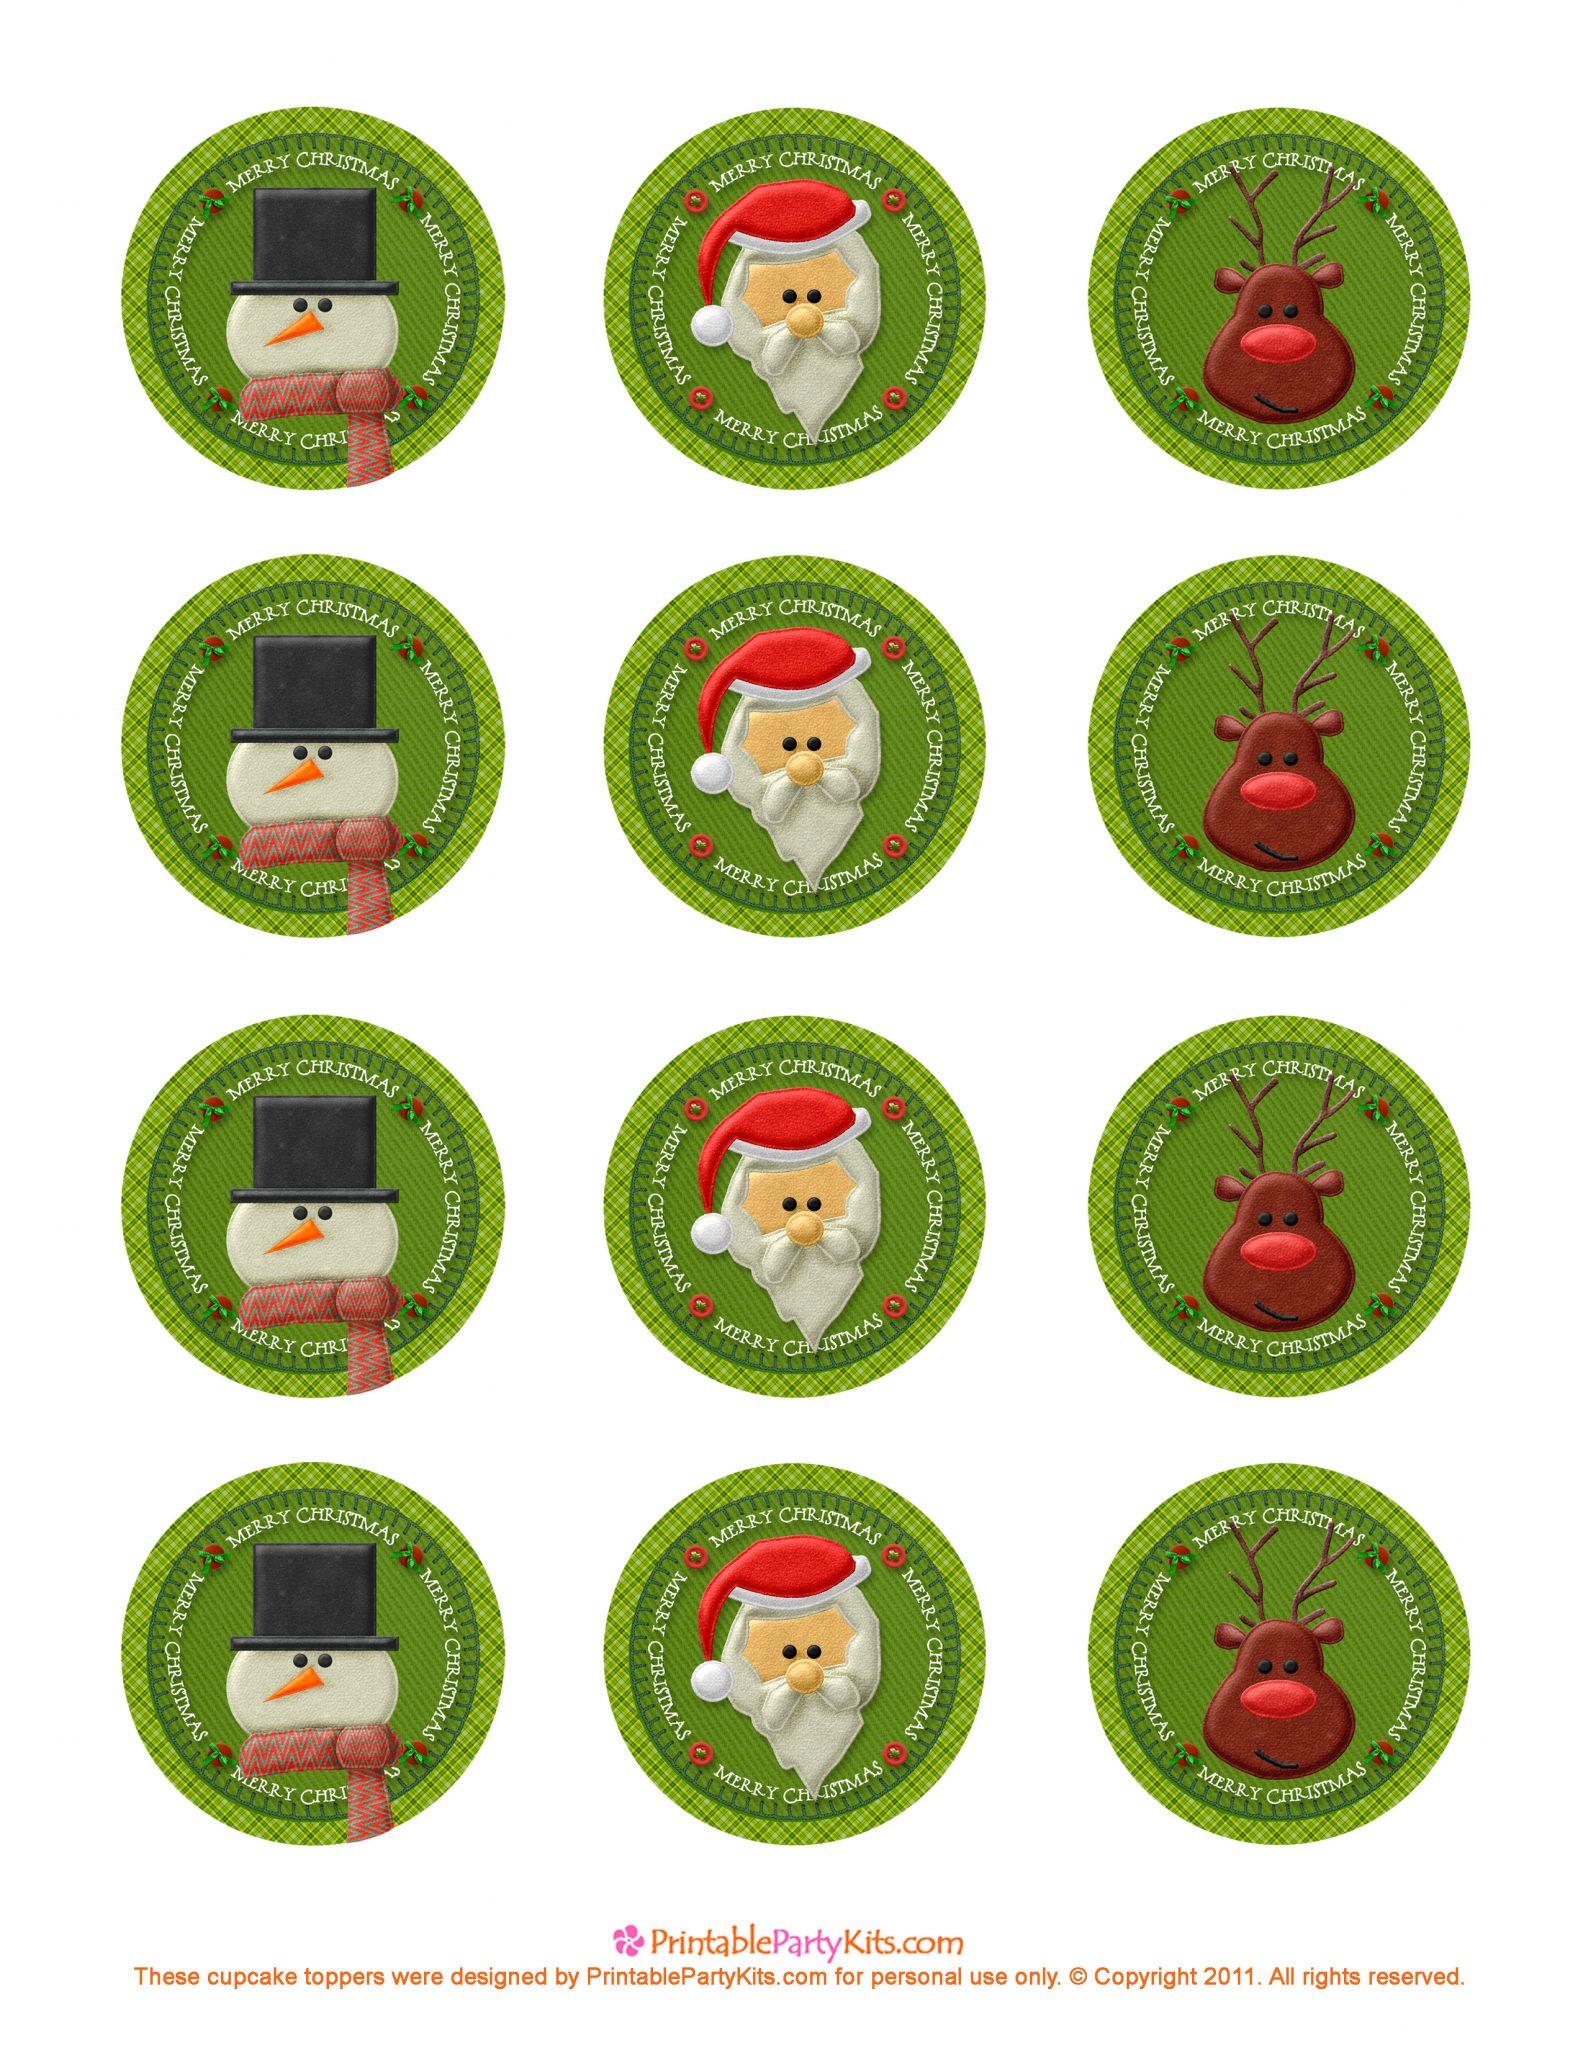 Imprimibles para cupcakes de Navidad y Año Nuevo.